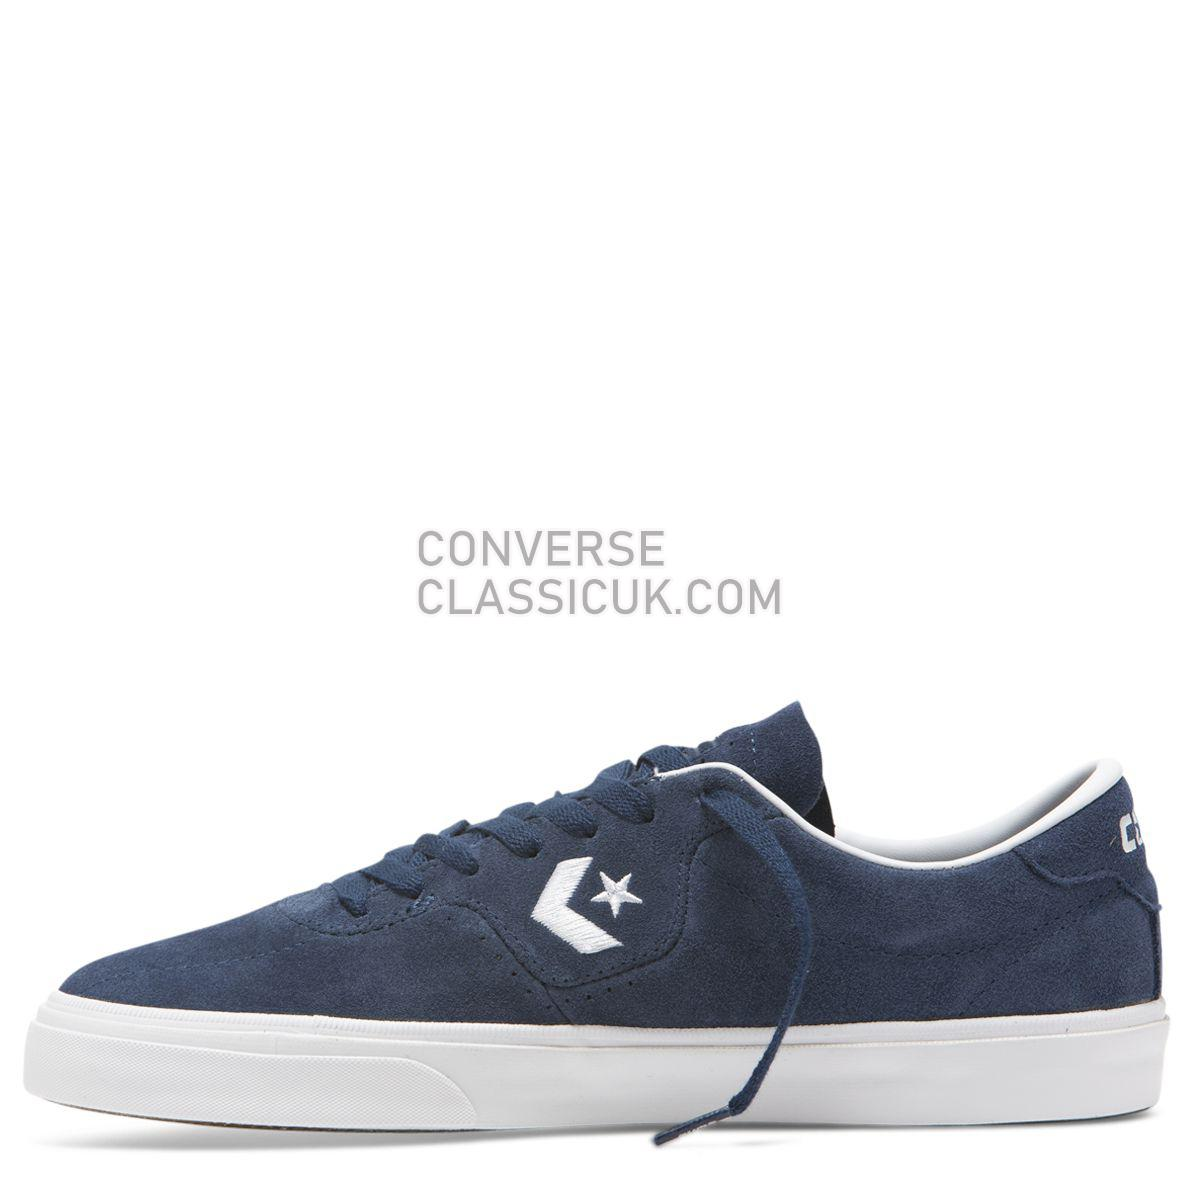 Converse CONS Louie Lopez Pro Classic Suede Low Top Navy Mens 165273 Navy/White/Gum Shoes